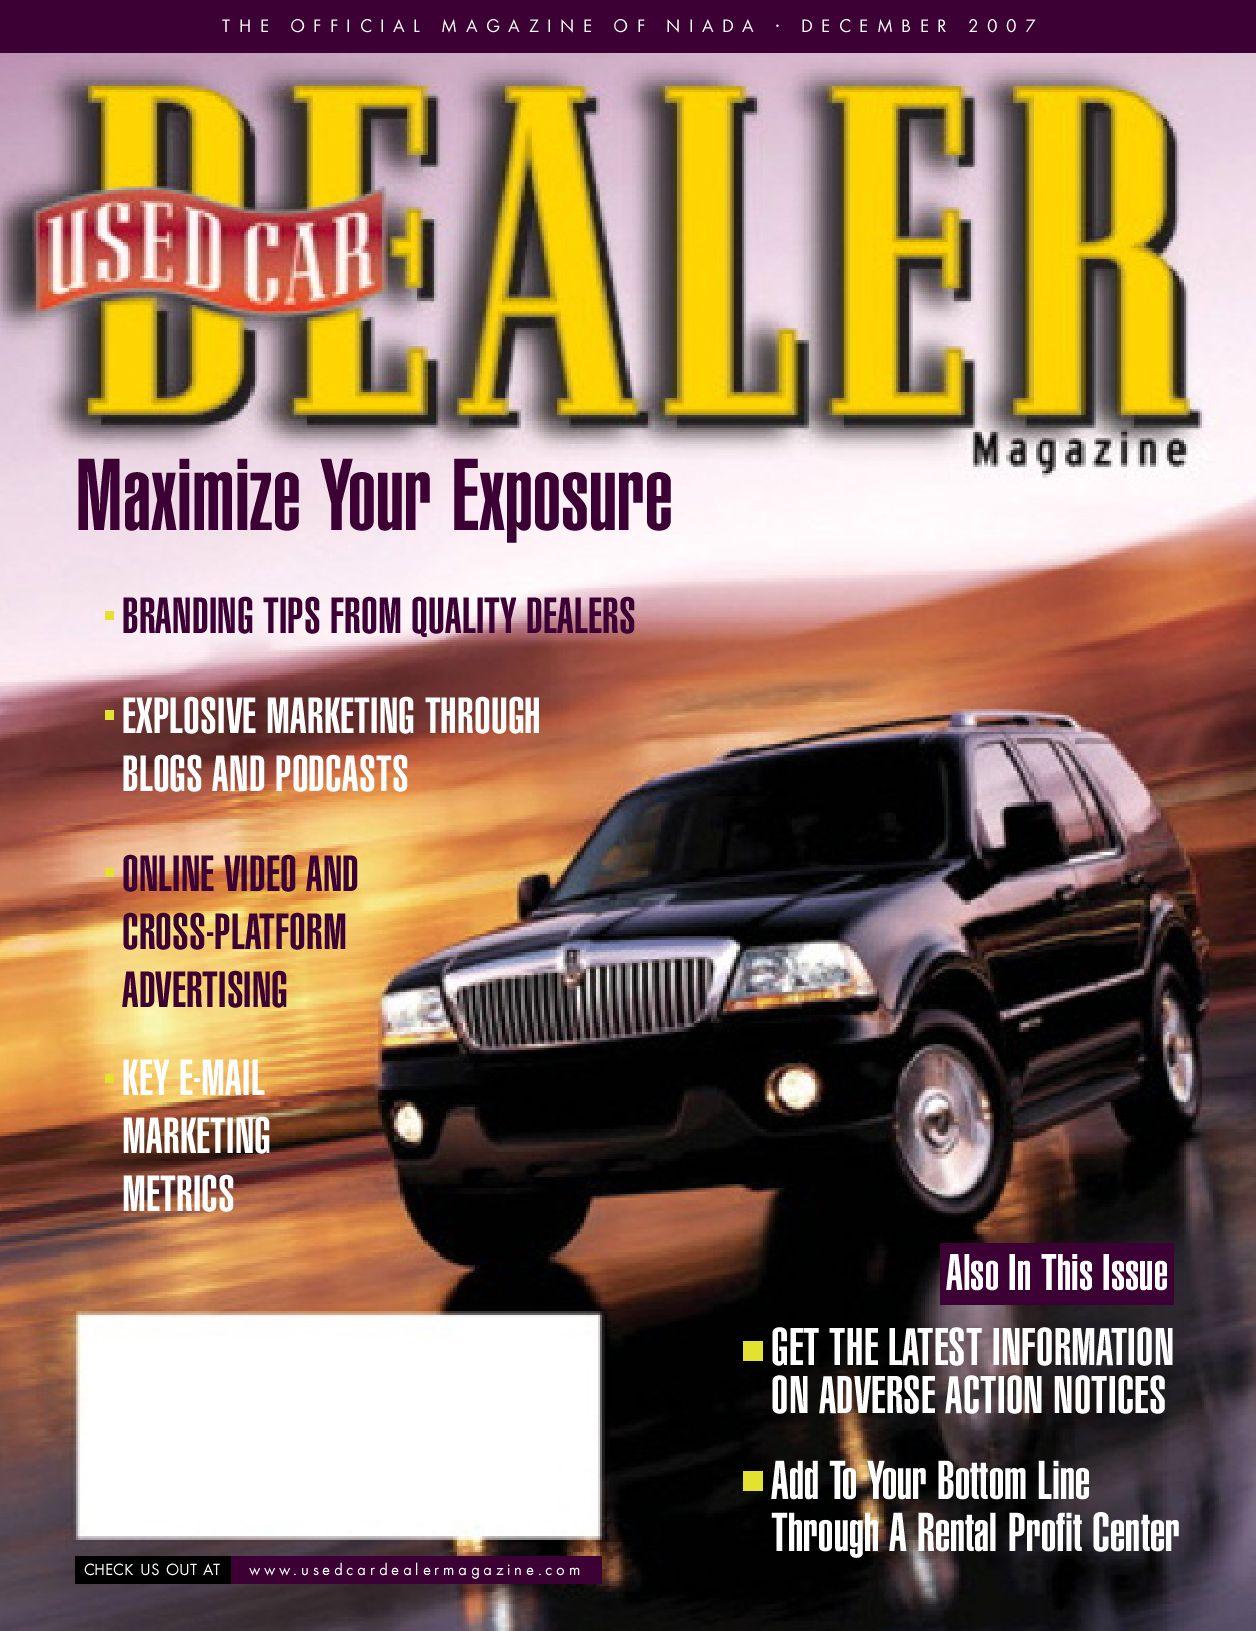 Used Car Dealer December 2007 by TNIADA issuu